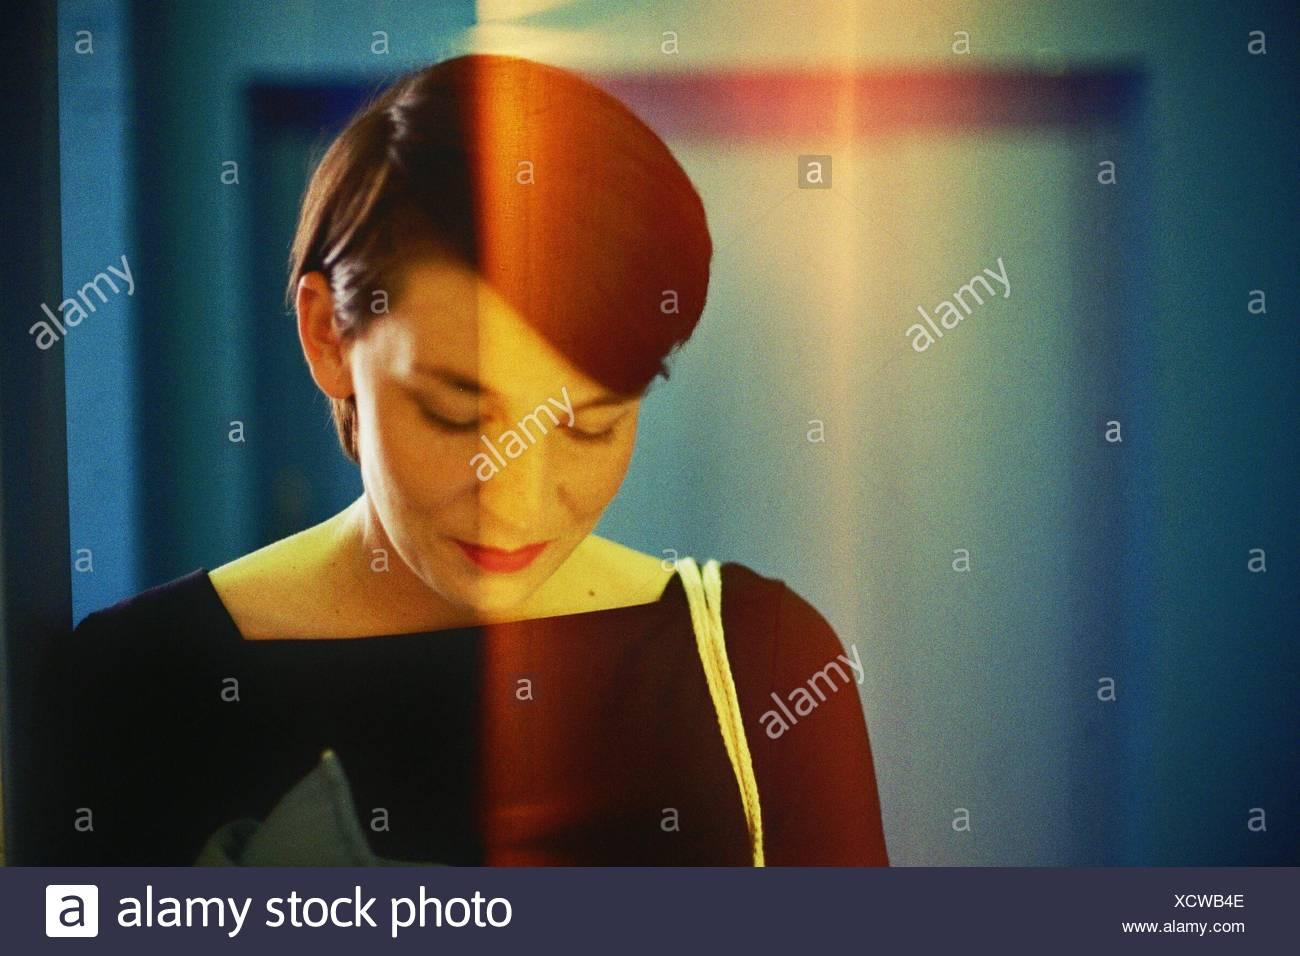 Primer plano de mediados de mujer adulta mirando hacia abajo Imagen De Stock